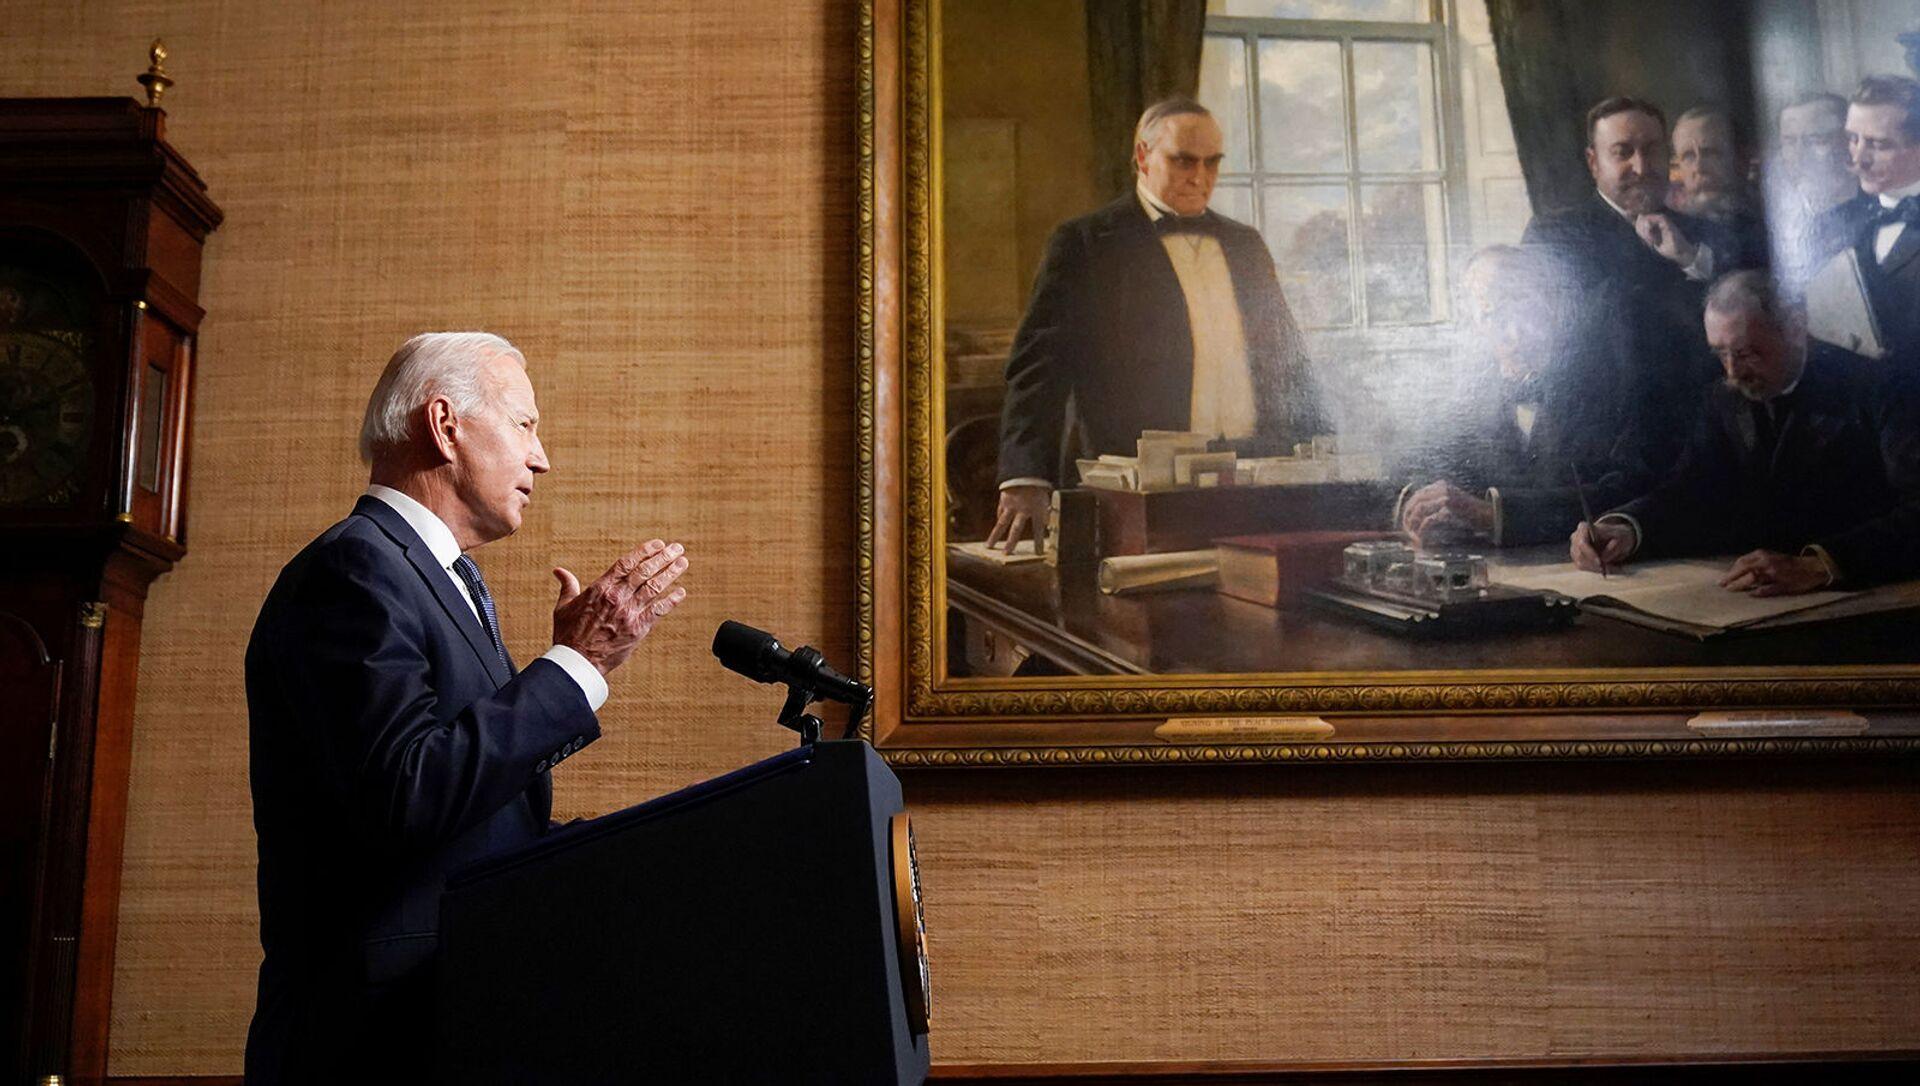 Президент США Джо Байден выступает с речью о своем плане вывода американских войск из Афганистана (14 апреля 2021). Вашингтон - Sputnik Армения, 1920, 05.05.2021